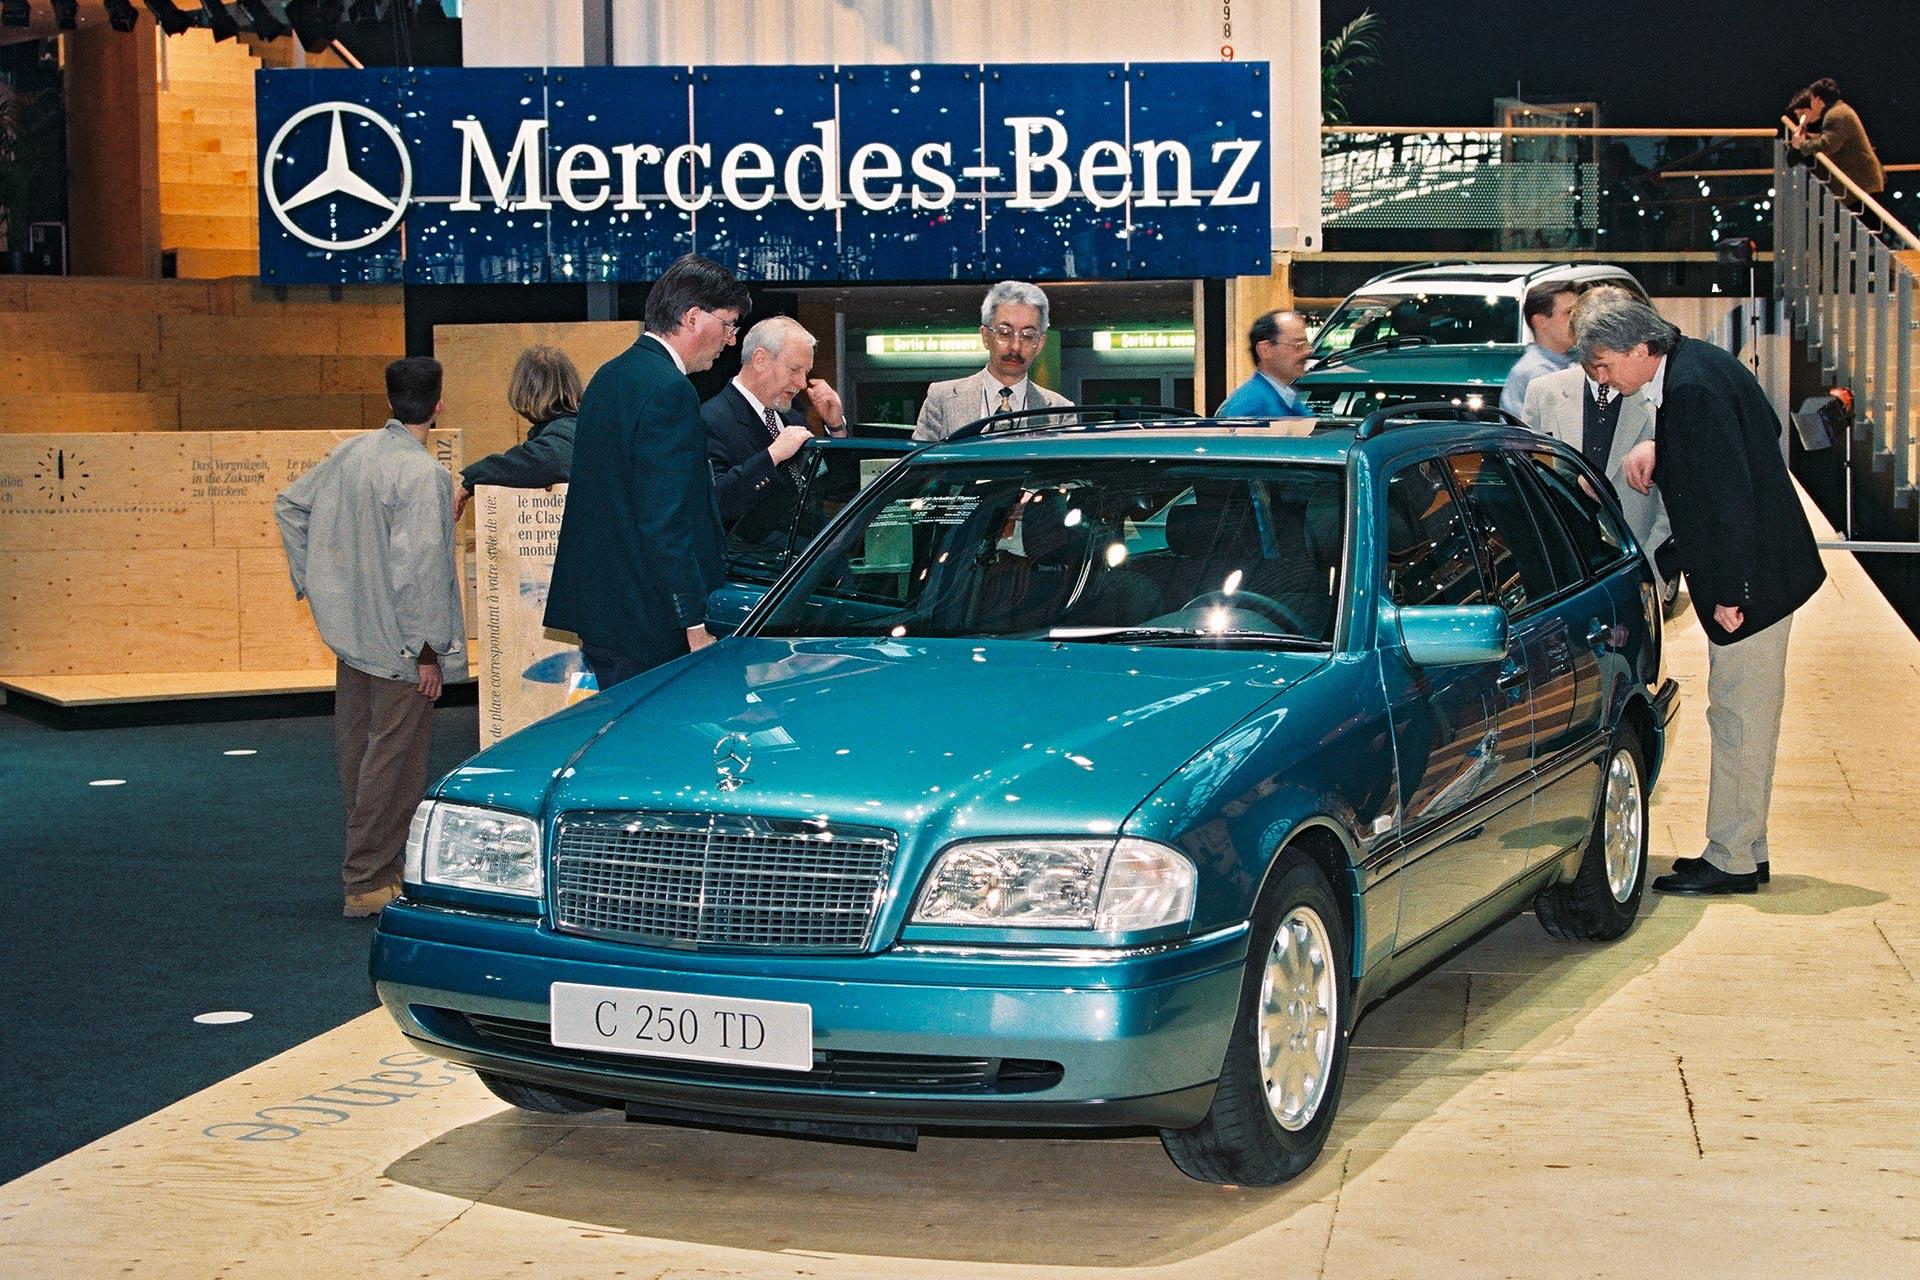 Mercedes-Benz C-Klasse T-Modell (Baureihe 202). Das erste T-Modell der C-Klasse zeigt die Marke erstmals auf dem Auto-Salon Genf 1996. Das Foto zeigt ein C 250 Turbodiesel T-Modell. Aufnahme aus dem Jahr 1996.